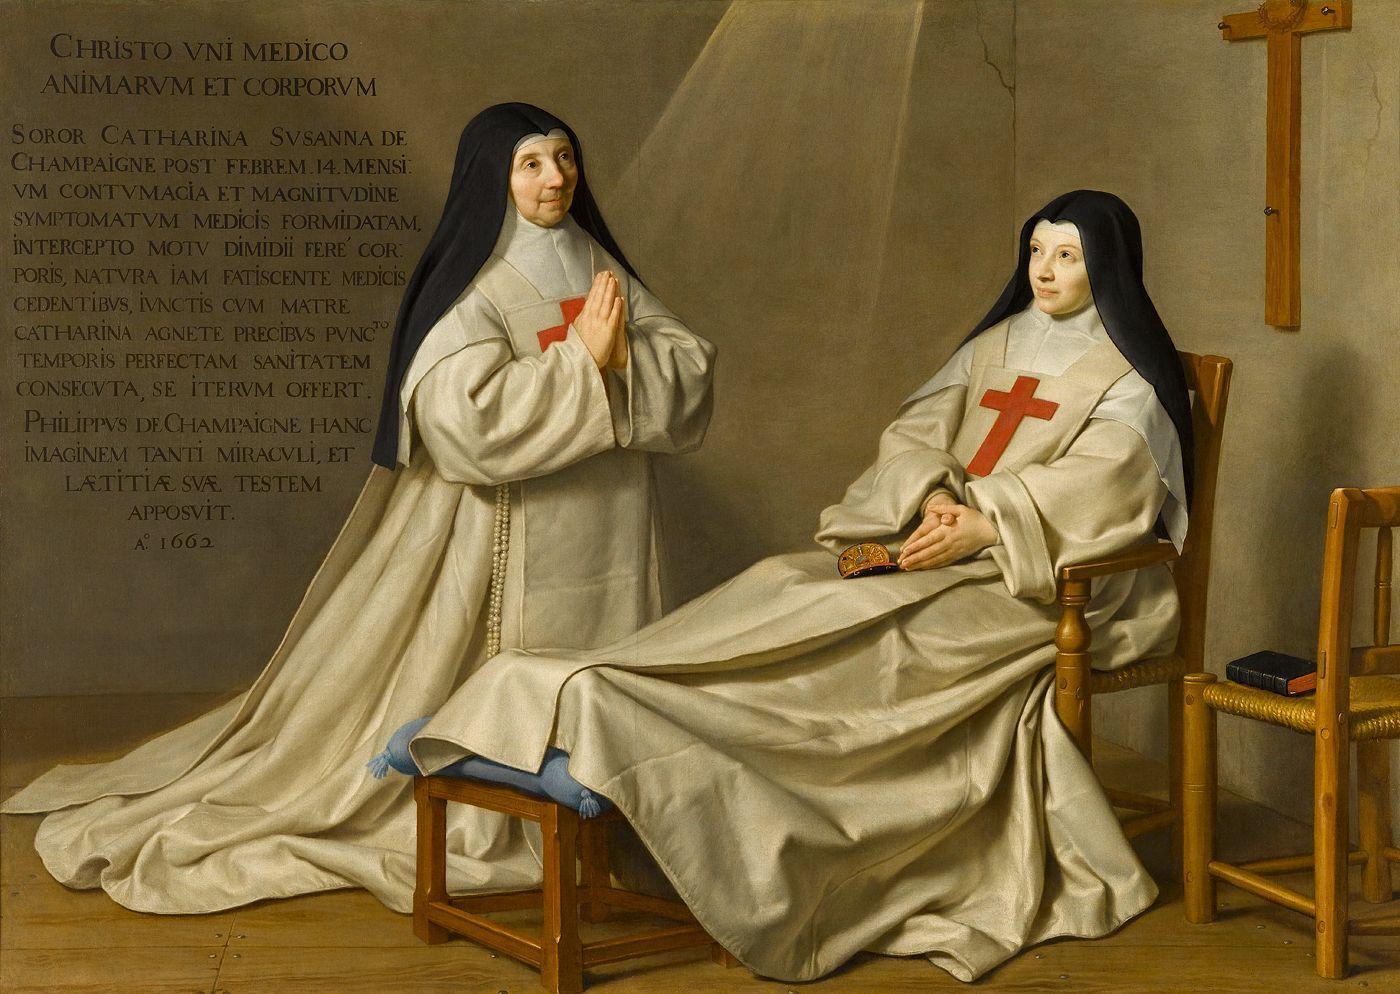 Philippe de Champaigne. La Mère Catherine-Agnès Arnauld (1593-1671) et la sœur Catherine de Sainte Suzanne Champaigne (1636-1686), fille de l'artiste, dit Ex-voto de 1662, 1662. Hst, 1,65 x 2,29 m. Musée du Louvre.